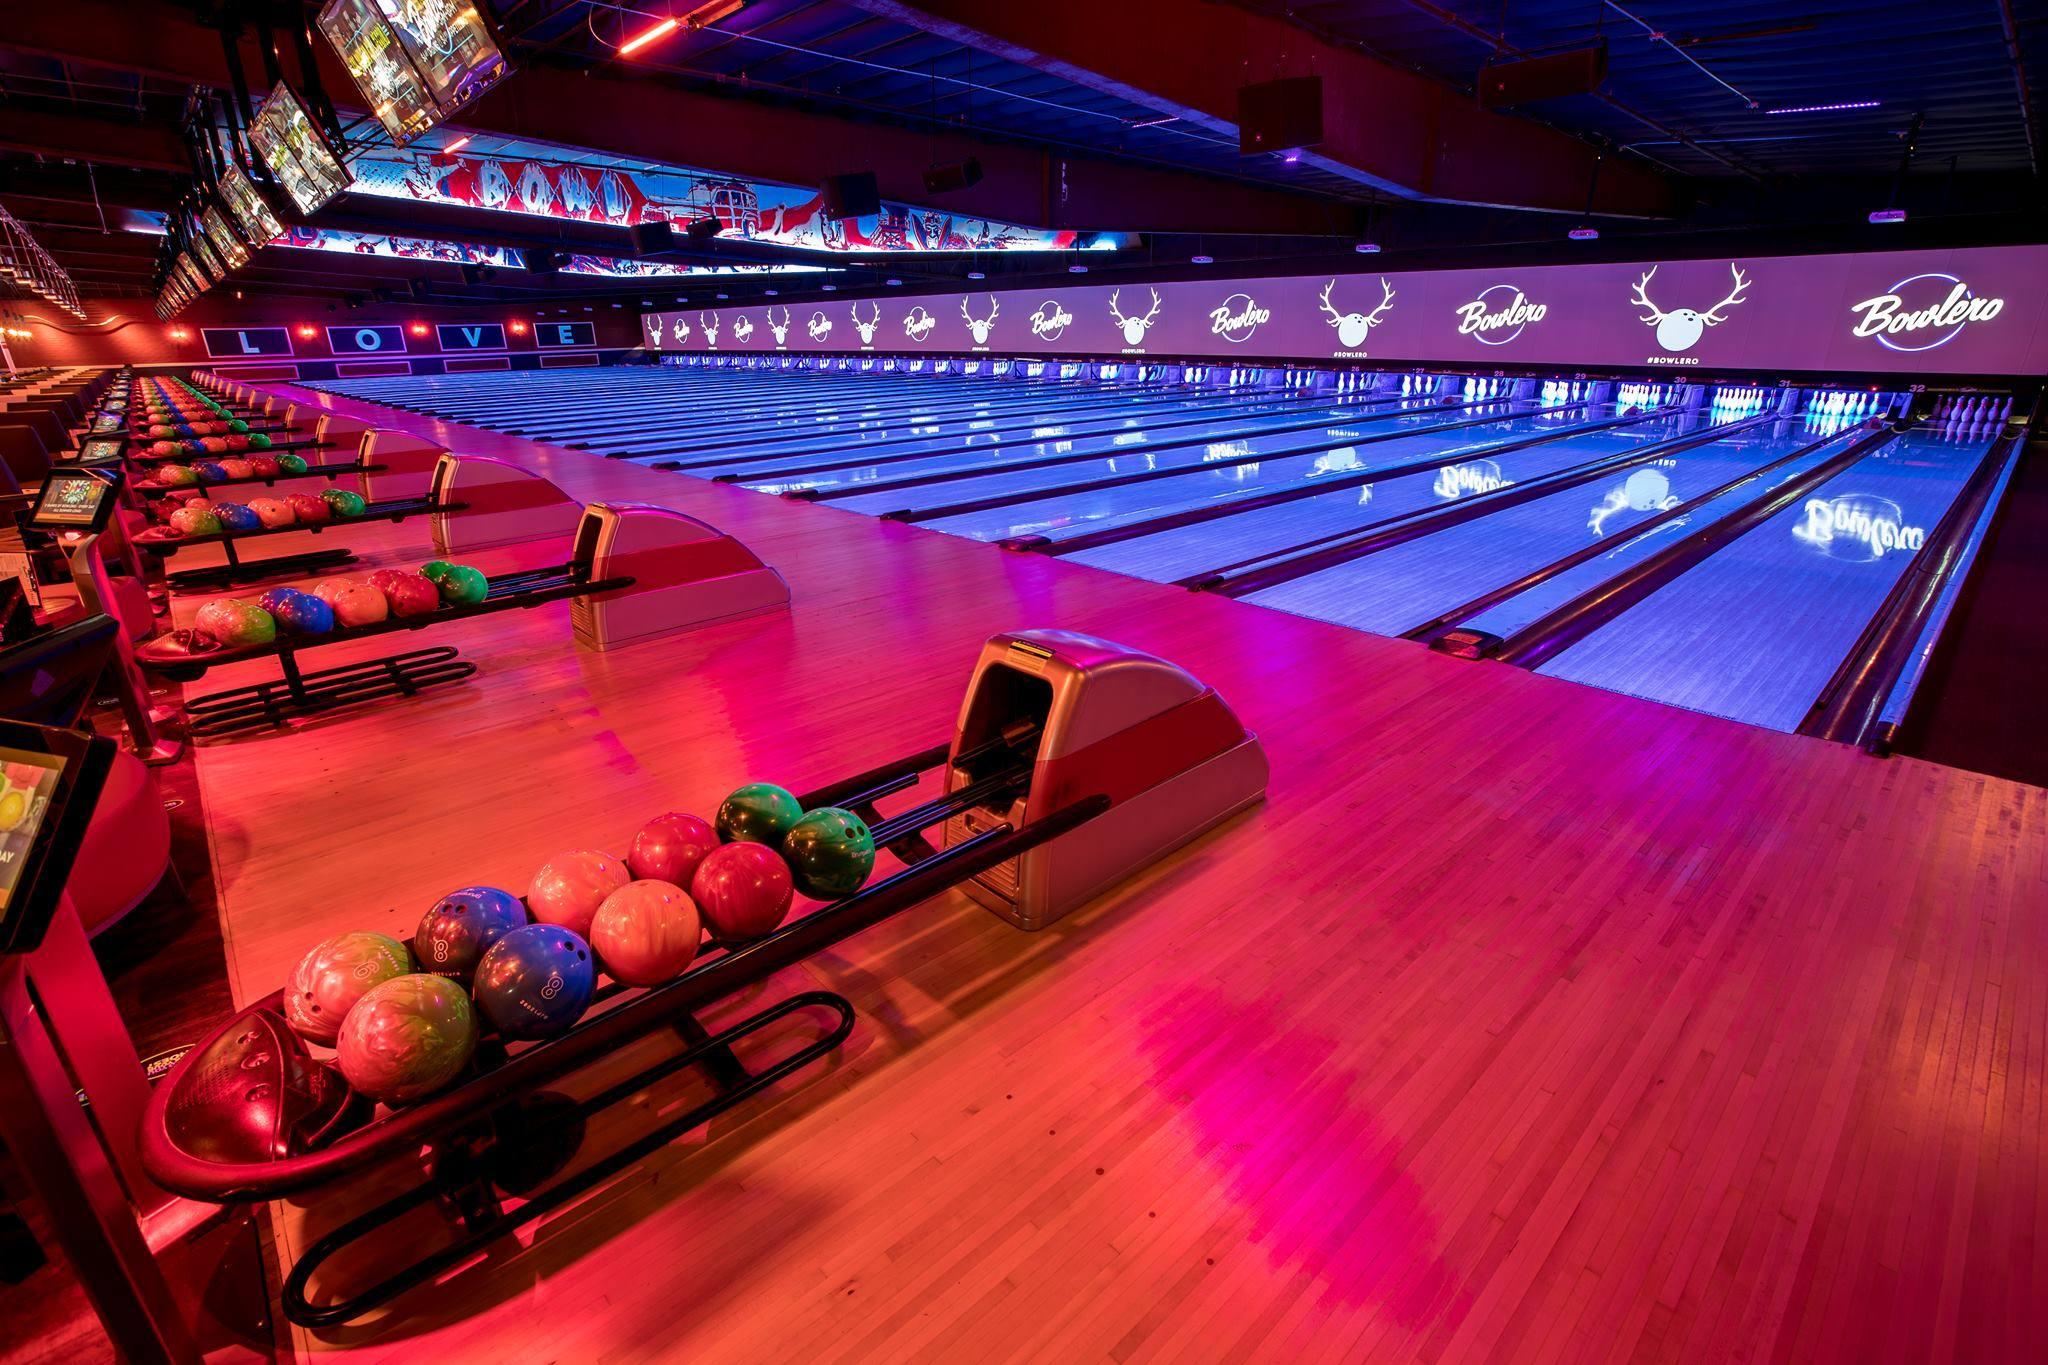 Bowlero Los Angeles Bowling Lanes